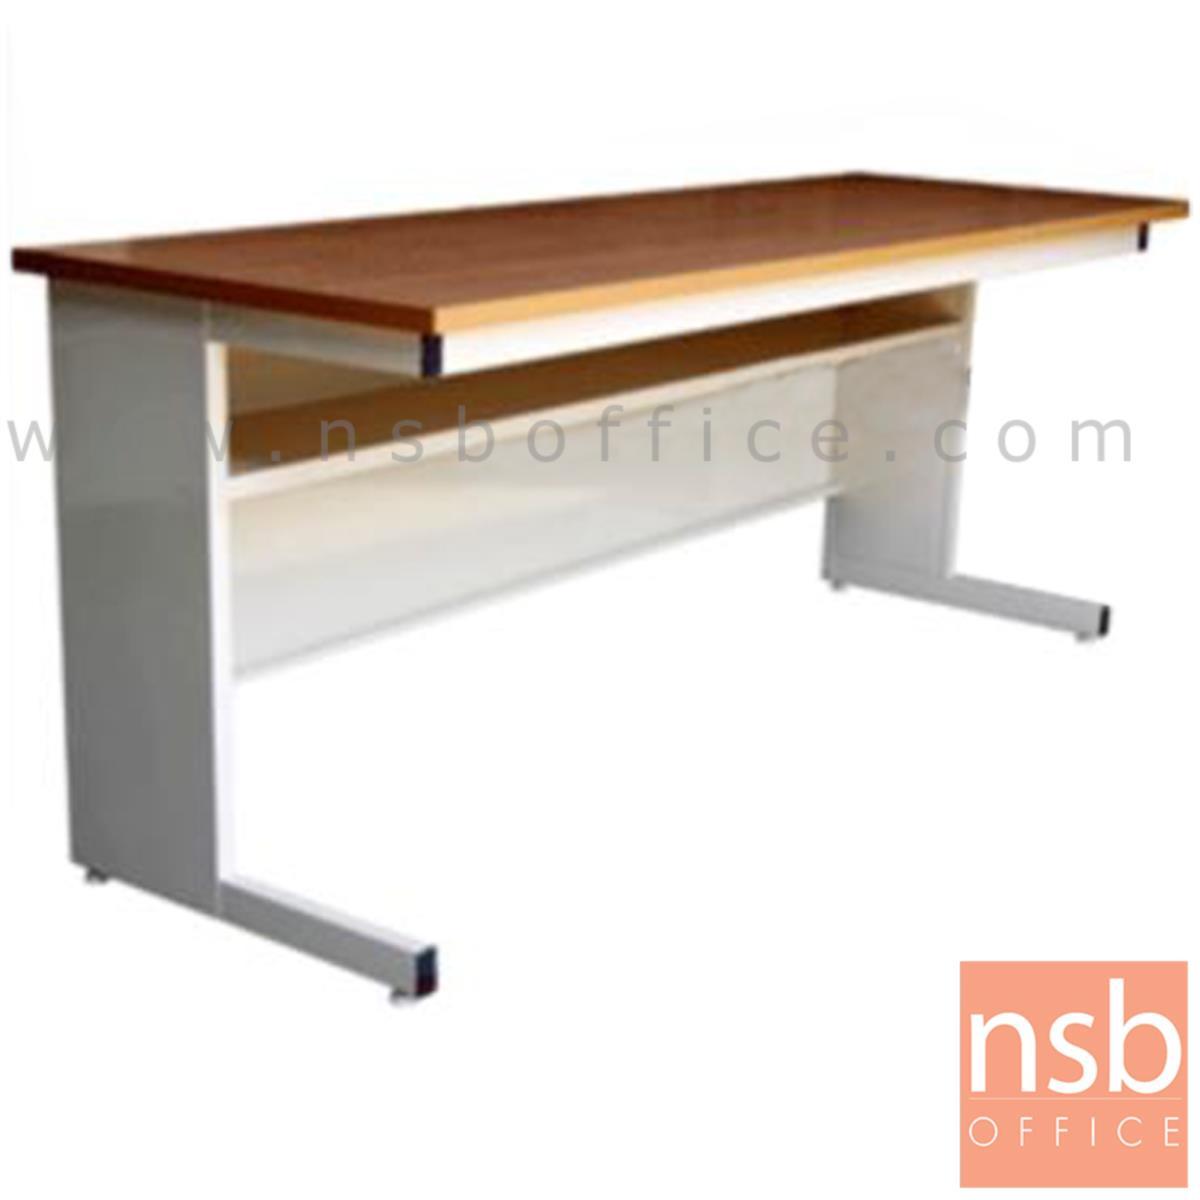 A05A061:โต๊ะประชุมตรง รุ่น Avery (เอเวอรี่) ขนาด 119.7W ,152.5W ,182.5W cm.  ขาเหล็กขาตัวแอล